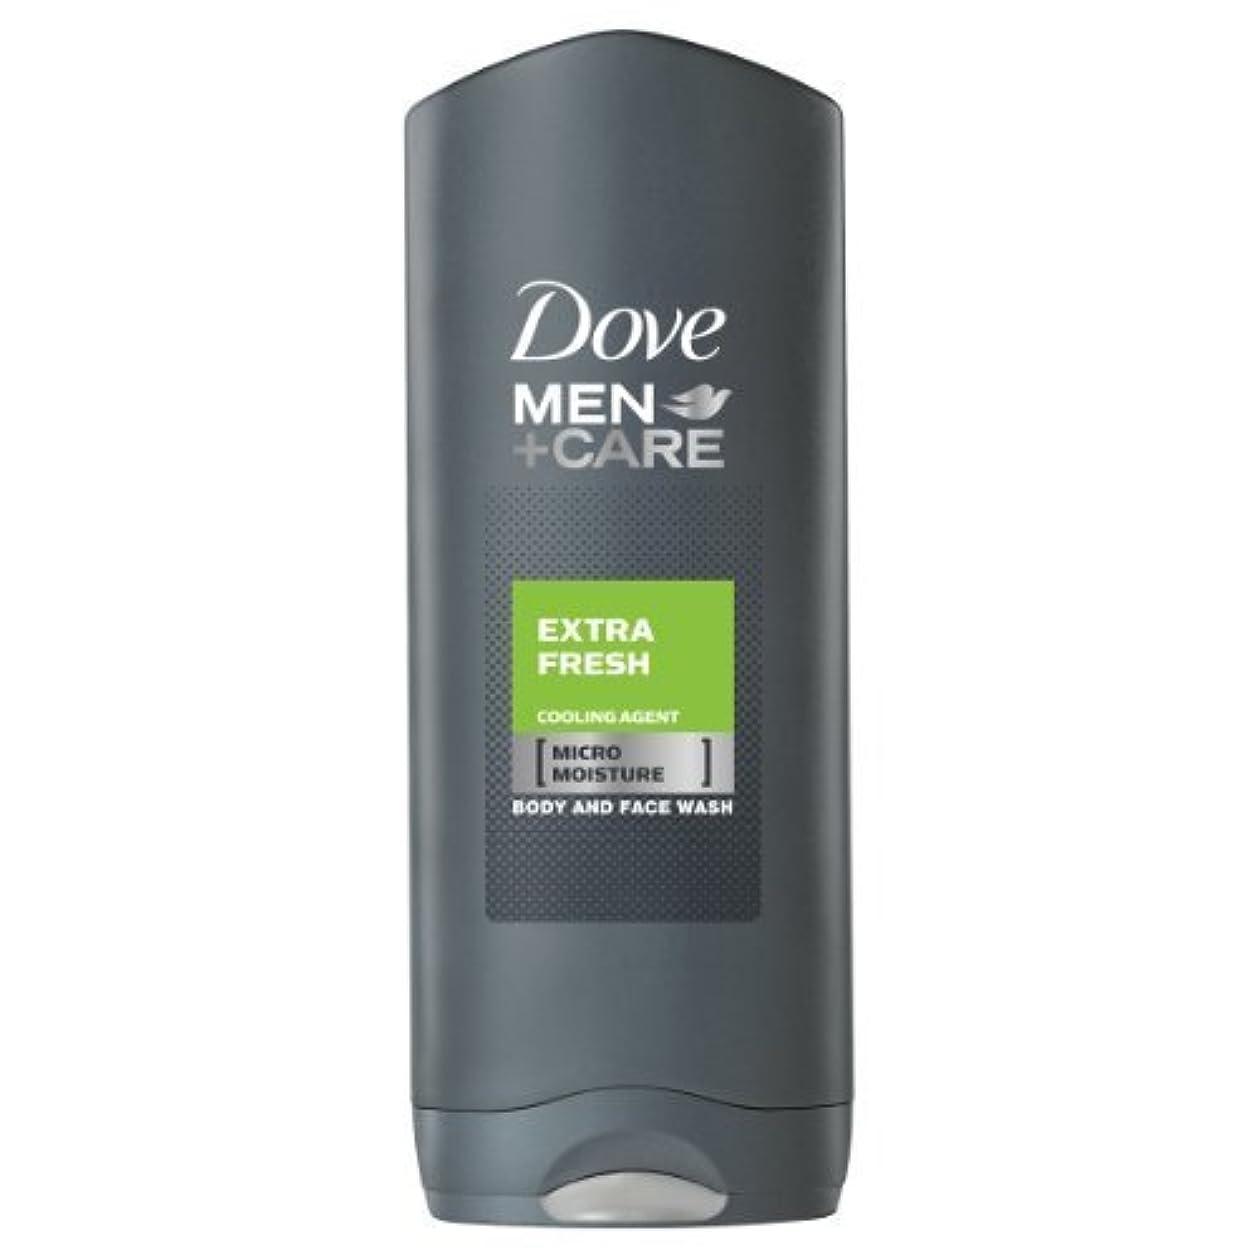 植物学者早いしないでくださいDove for Men Extra Fresh Body and Face Wash 250 ml by Dove [並行輸入品]